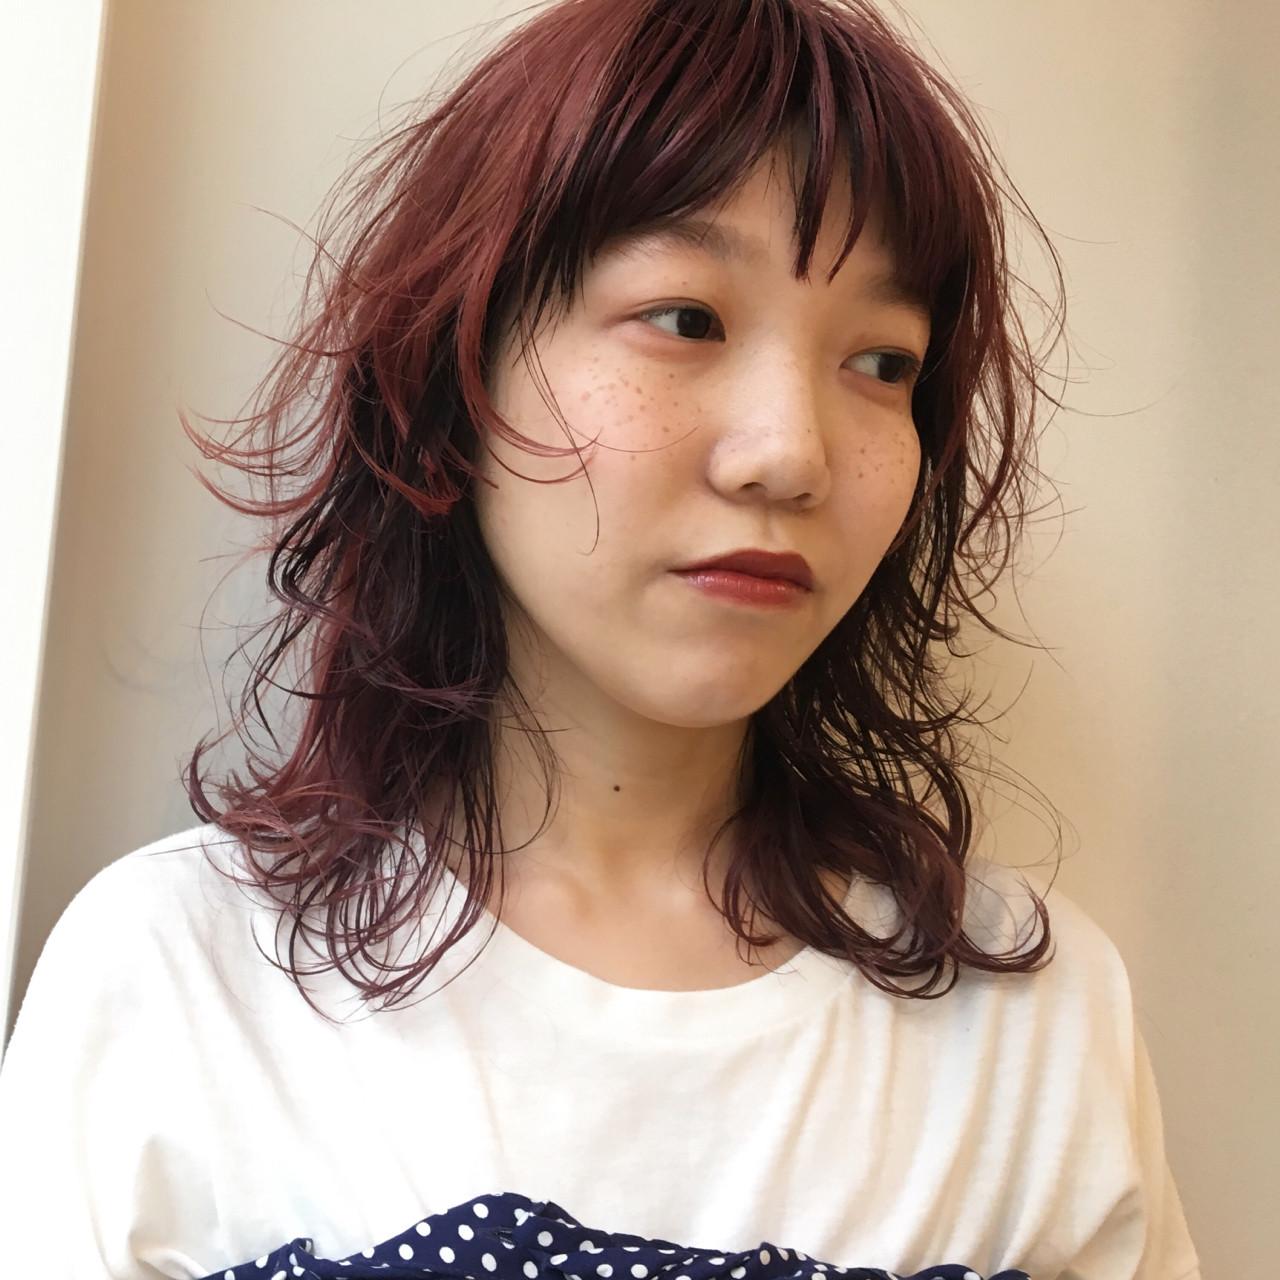 スポーツ ミディアム 簡単ヘアアレンジ アウトドア ヘアスタイルや髪型の写真・画像 | 斉藤傑 / lim+lim